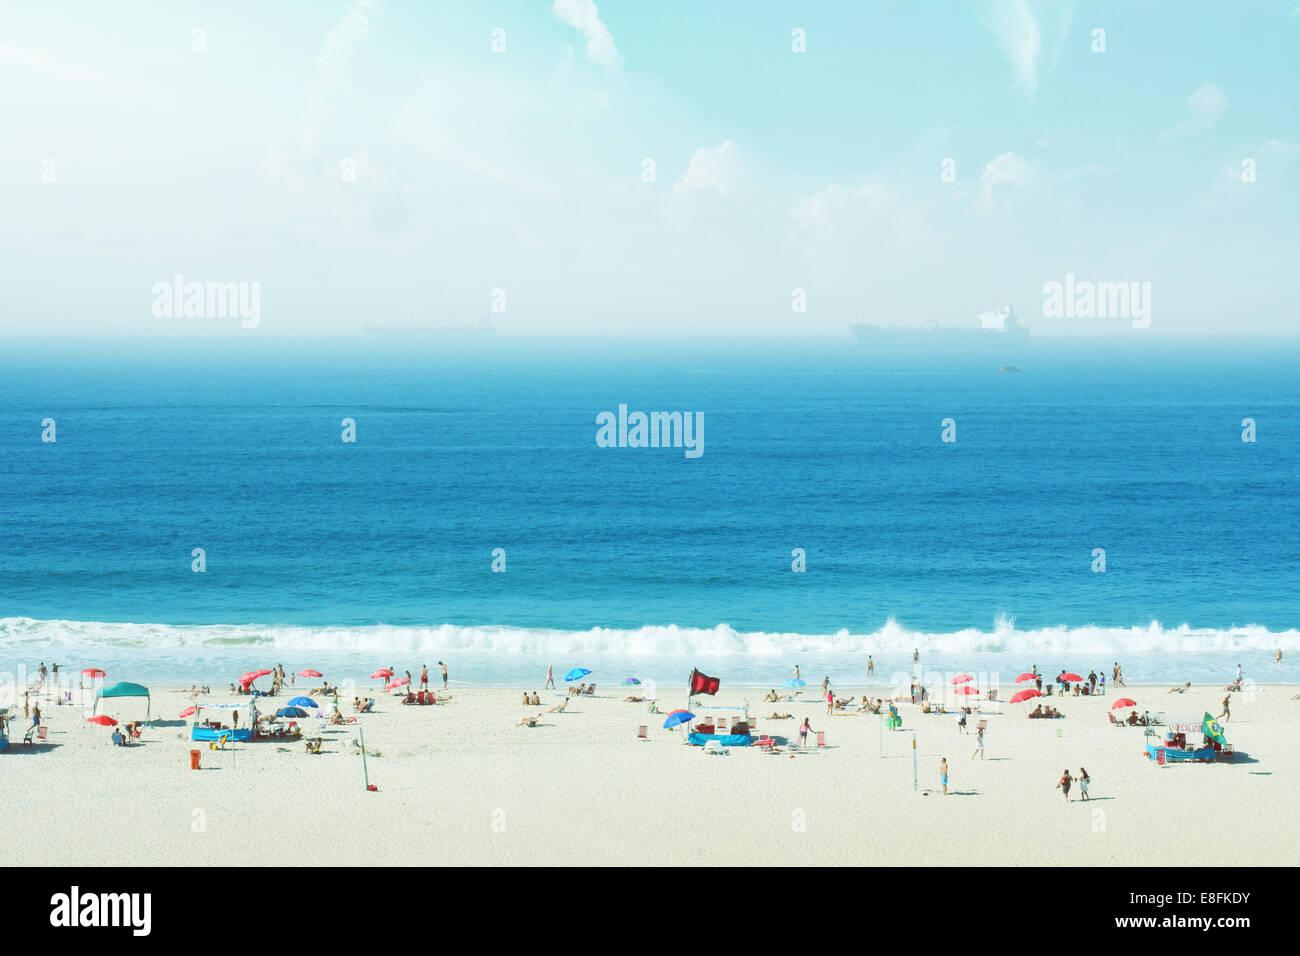 Brasil, Rio de Janeiro, Copacabana, la gente en la playa Imagen De Stock